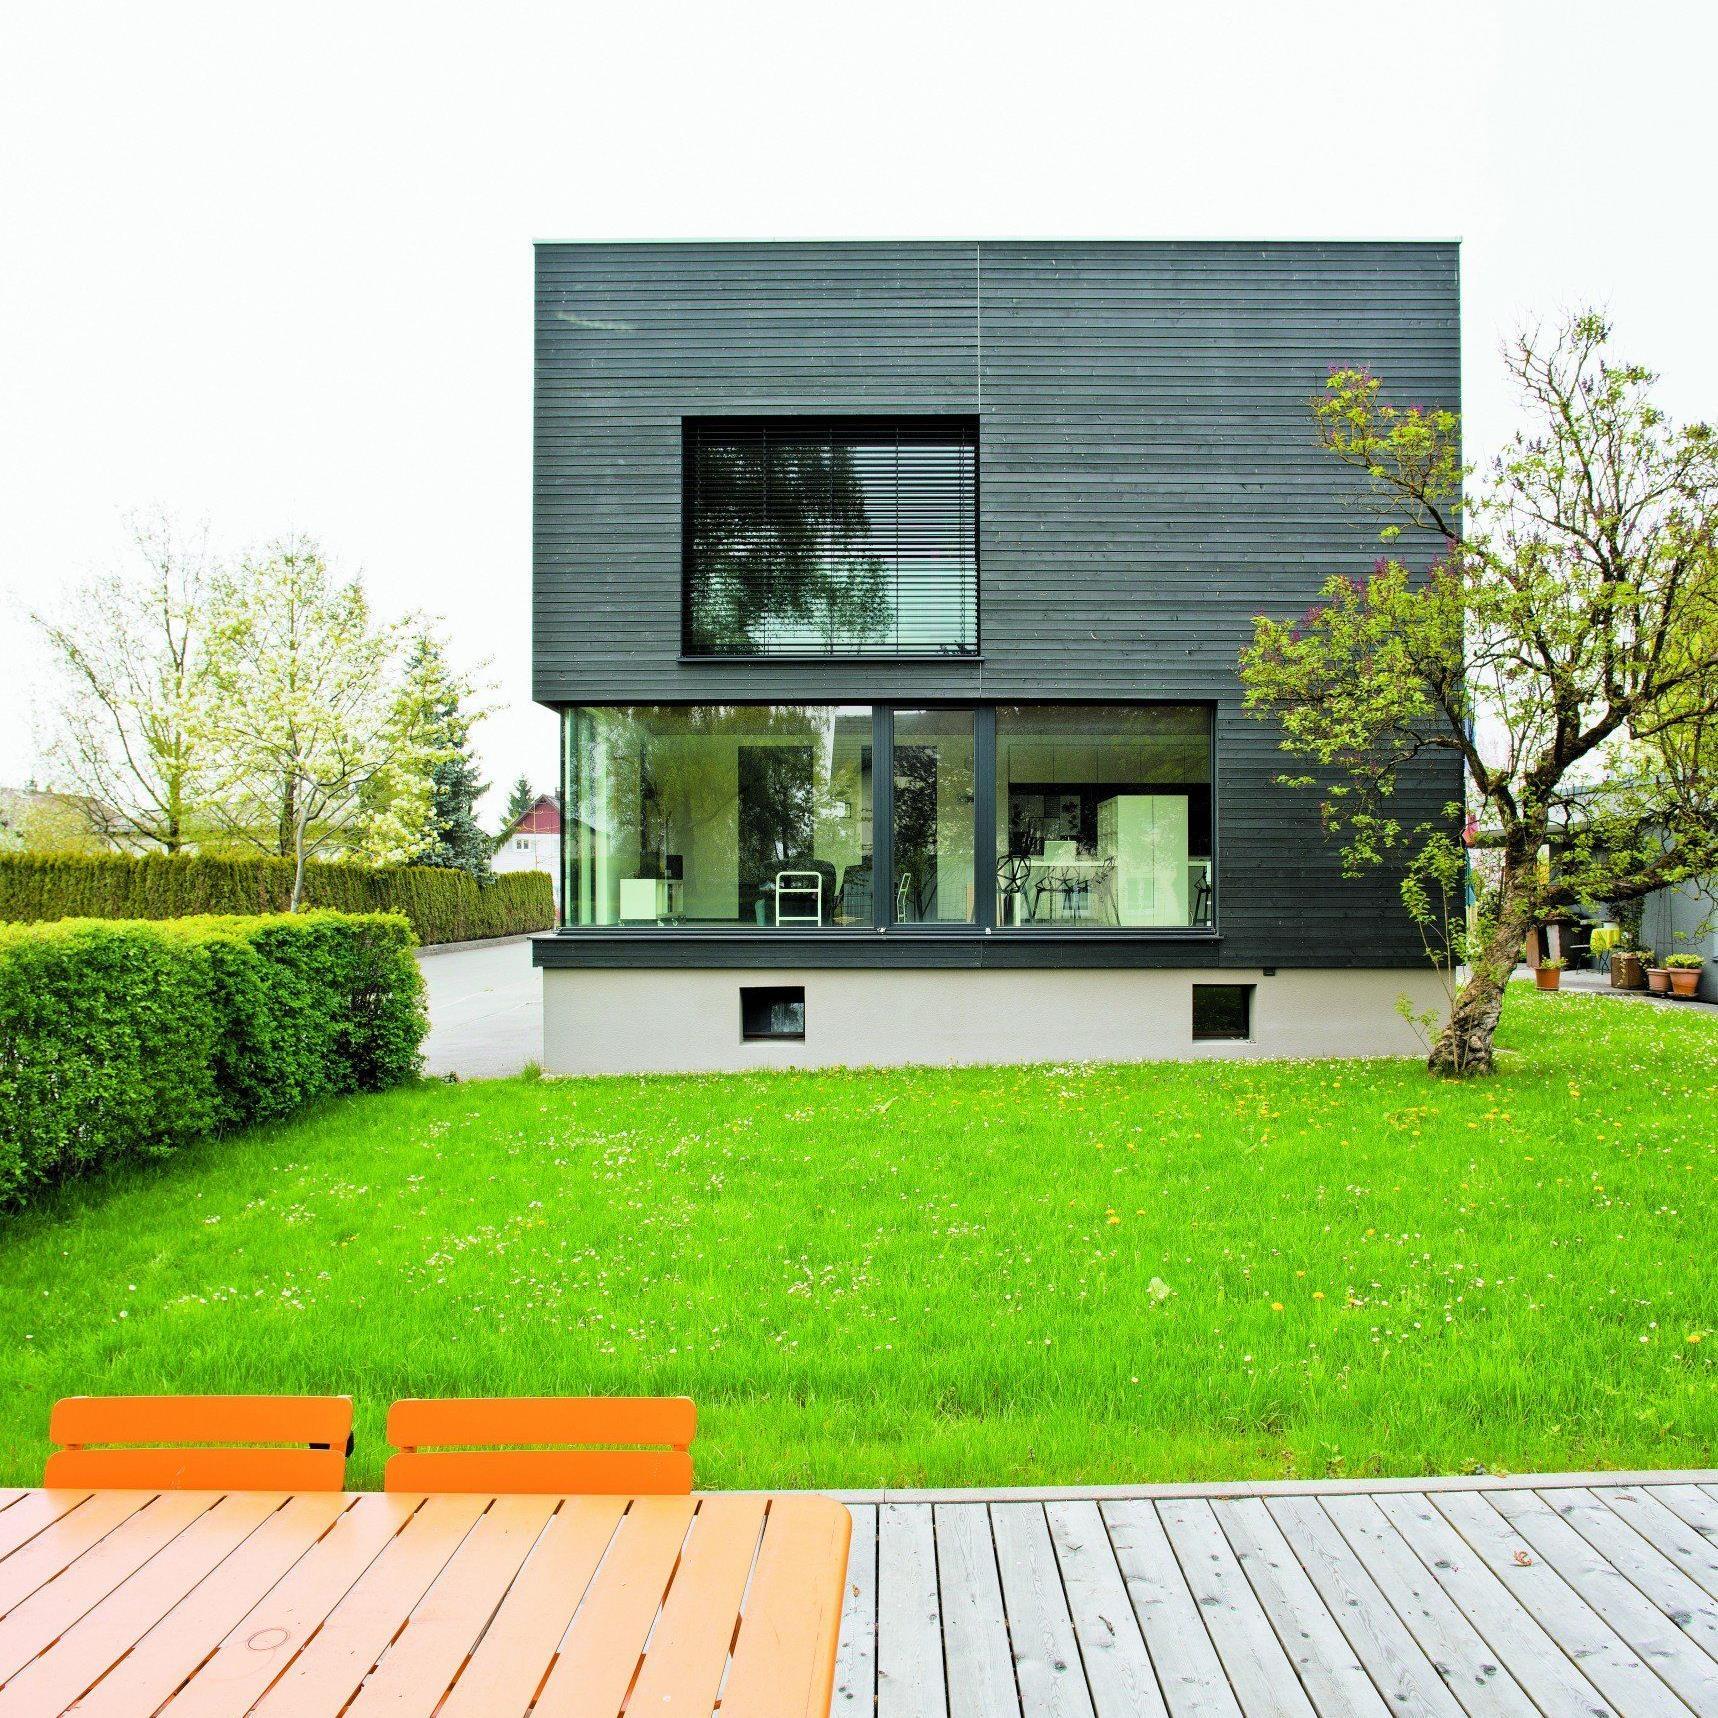 Das dunkle Grau lässt den Materialeindruck zwischen Holz und Sichtbeton schwanken. Die Reduktion der Form steigert jede Liniatur und jede Öffnung zu bedeutsamen Gestaltungselementen.